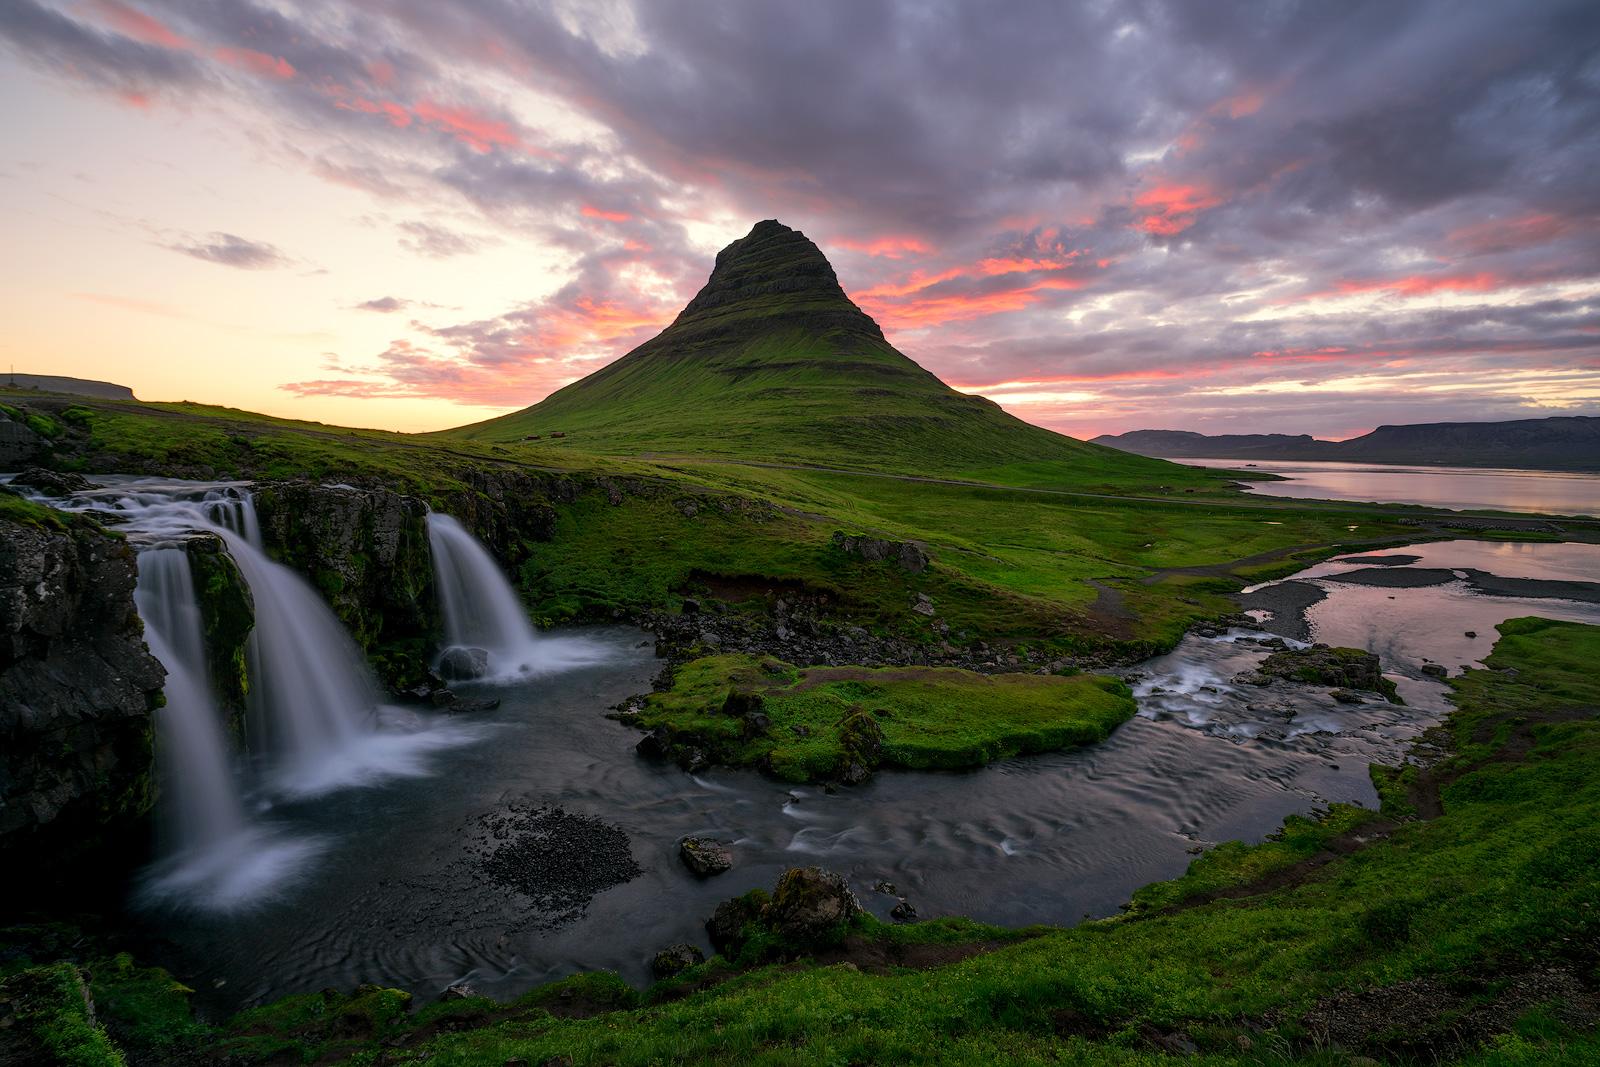 Iceland, Waterfalls, Kirkjufellsfoss, Sunset, Green, Mountains, Stream, Creek, Ocean, Dramatic Clouds, Bernard Chen, photo